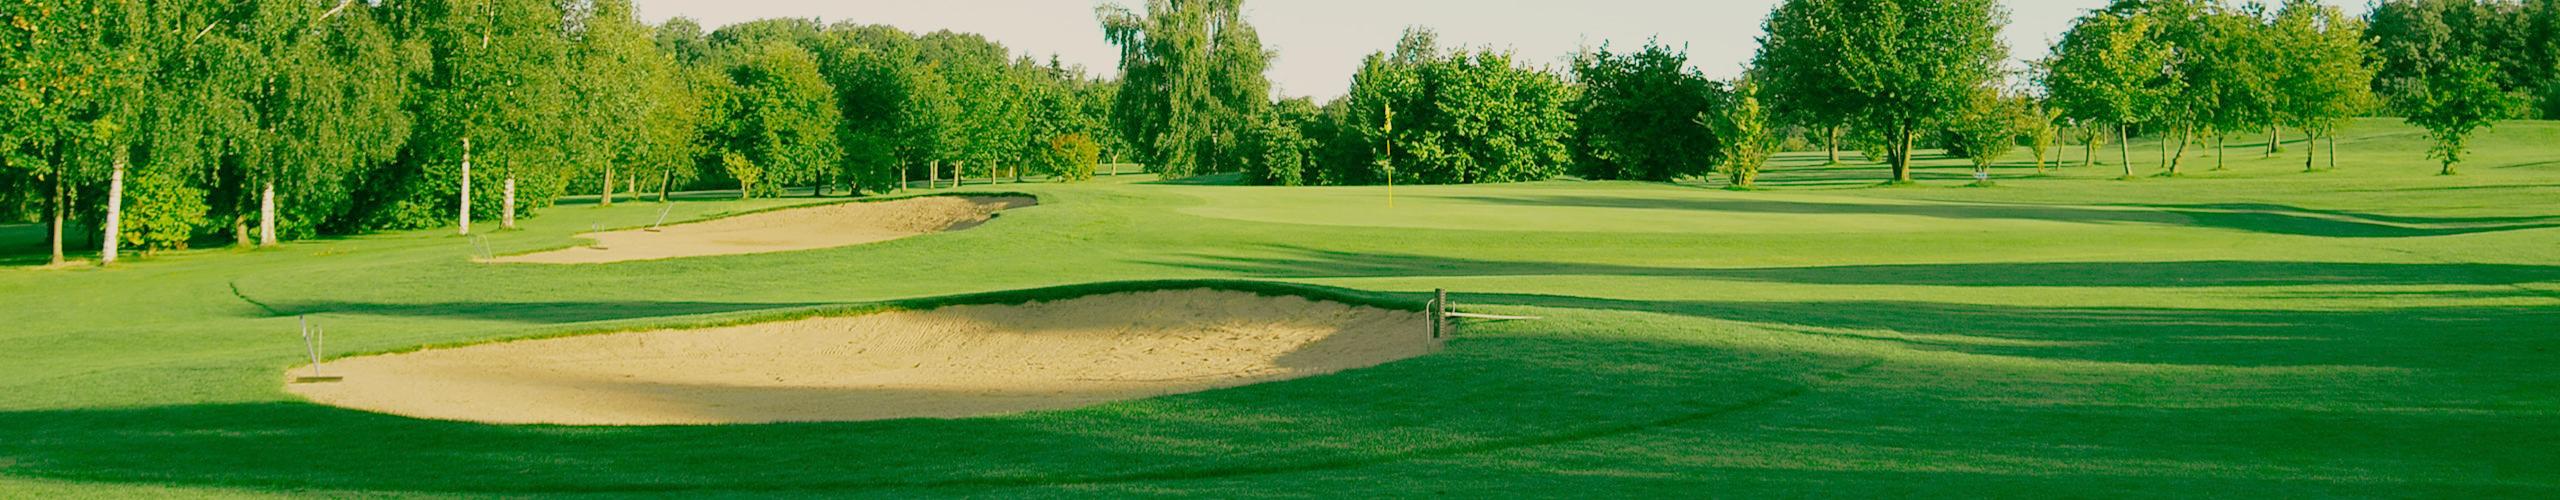 Golfanlage Banner 2